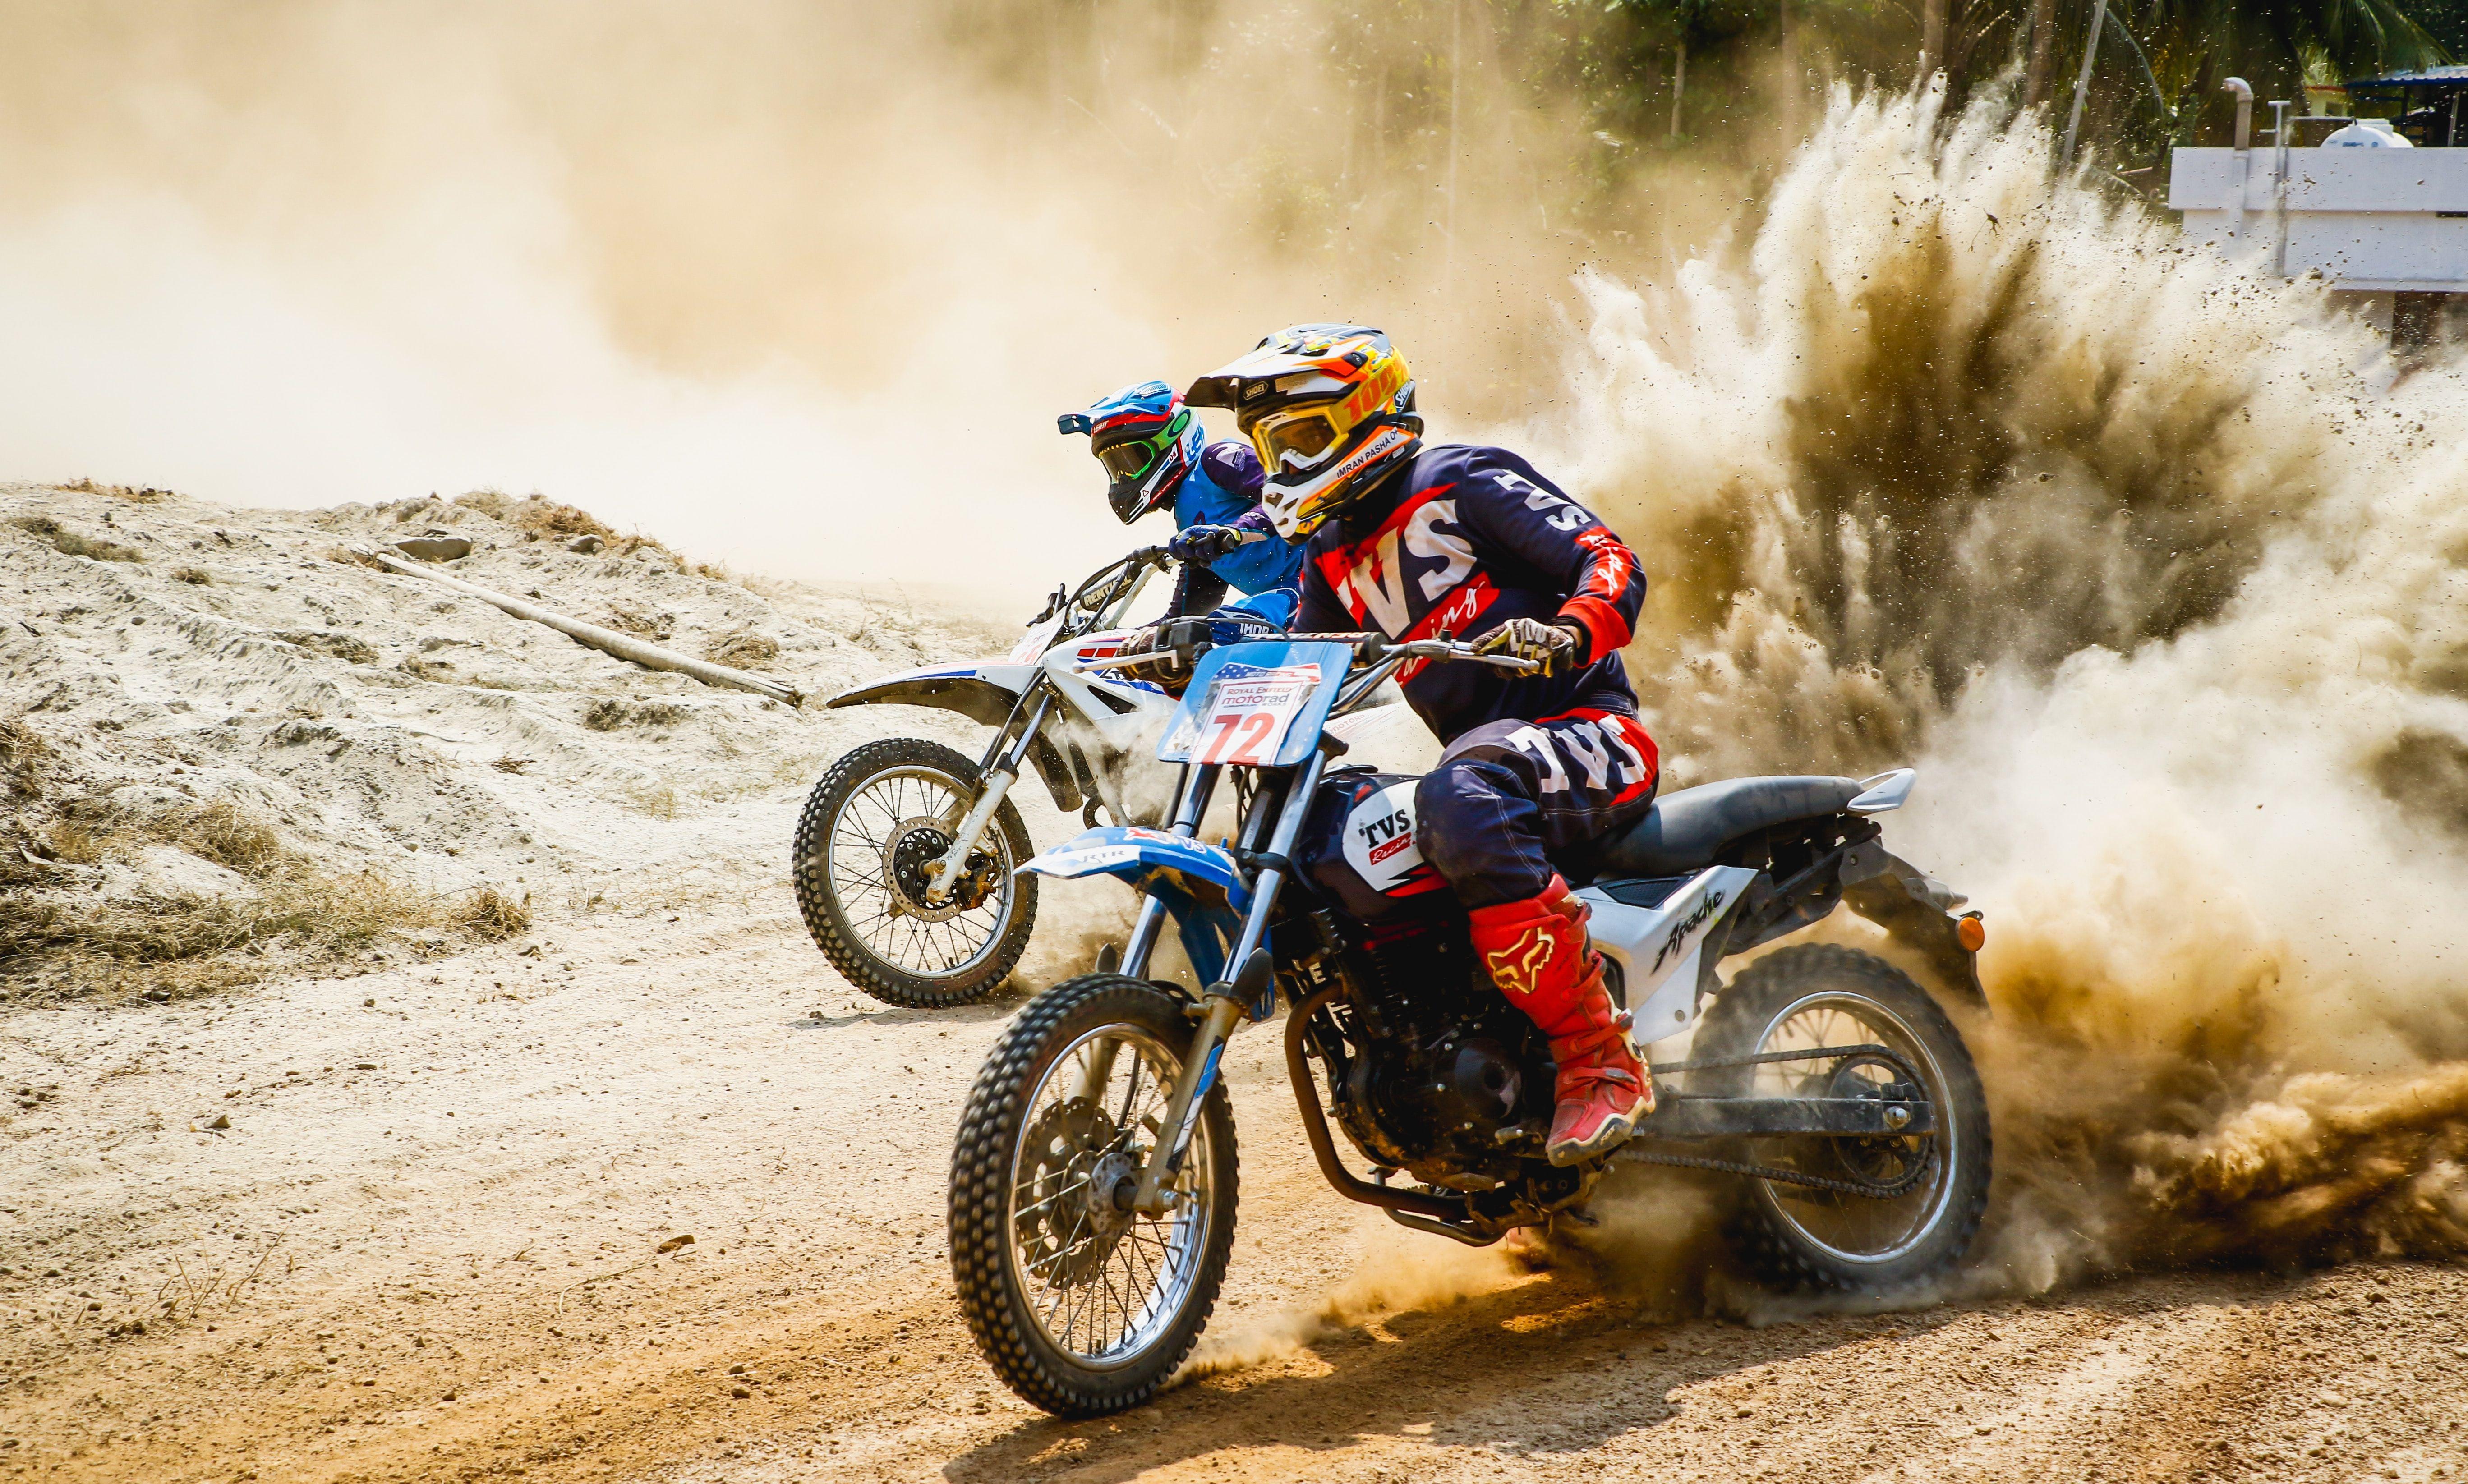 Bikersofinstagram Honda Instamoto Bikers Ride Motolife